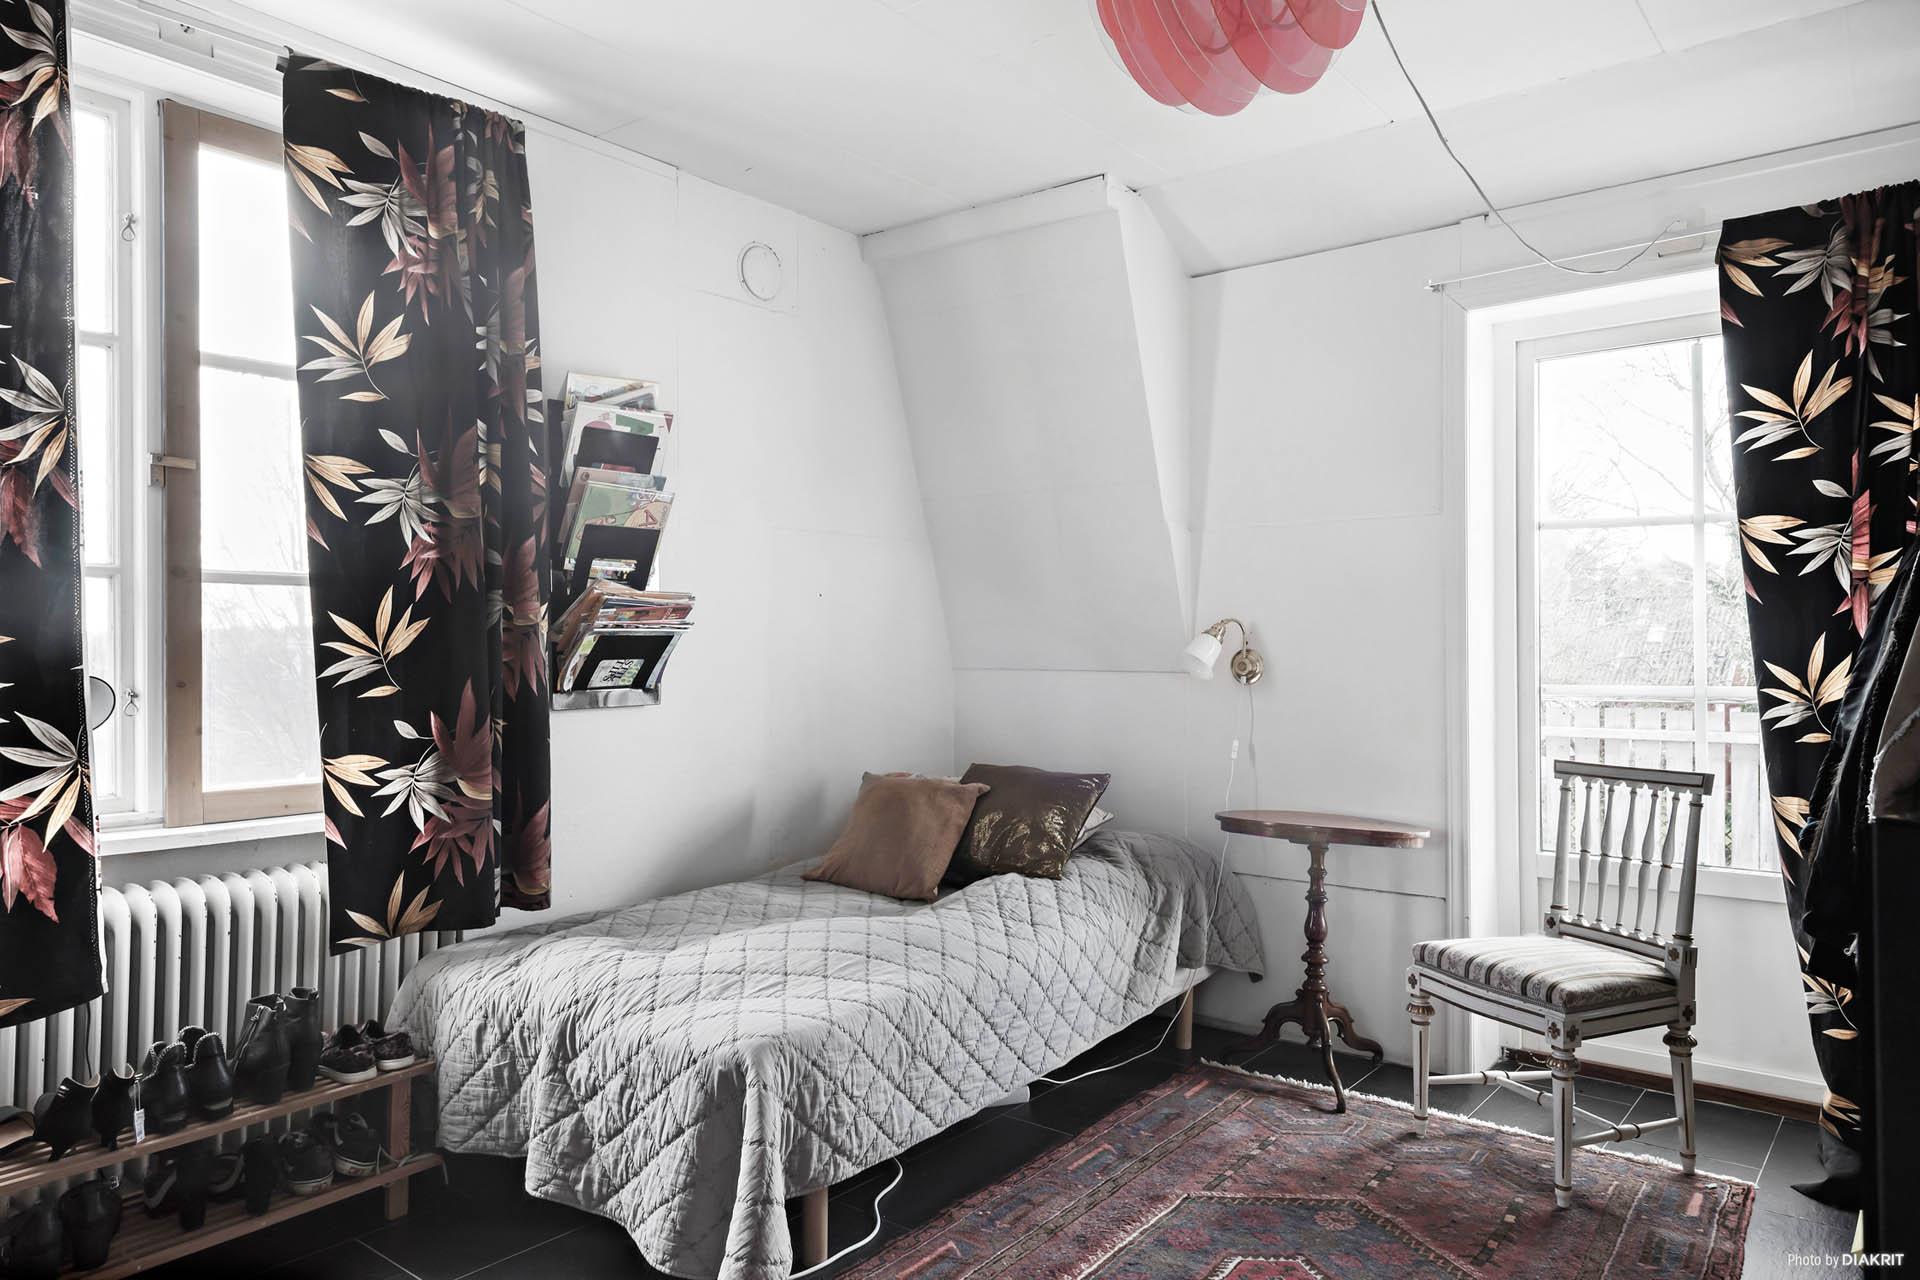 Sovrum 1 av 3 med utgång till en stor balkong.